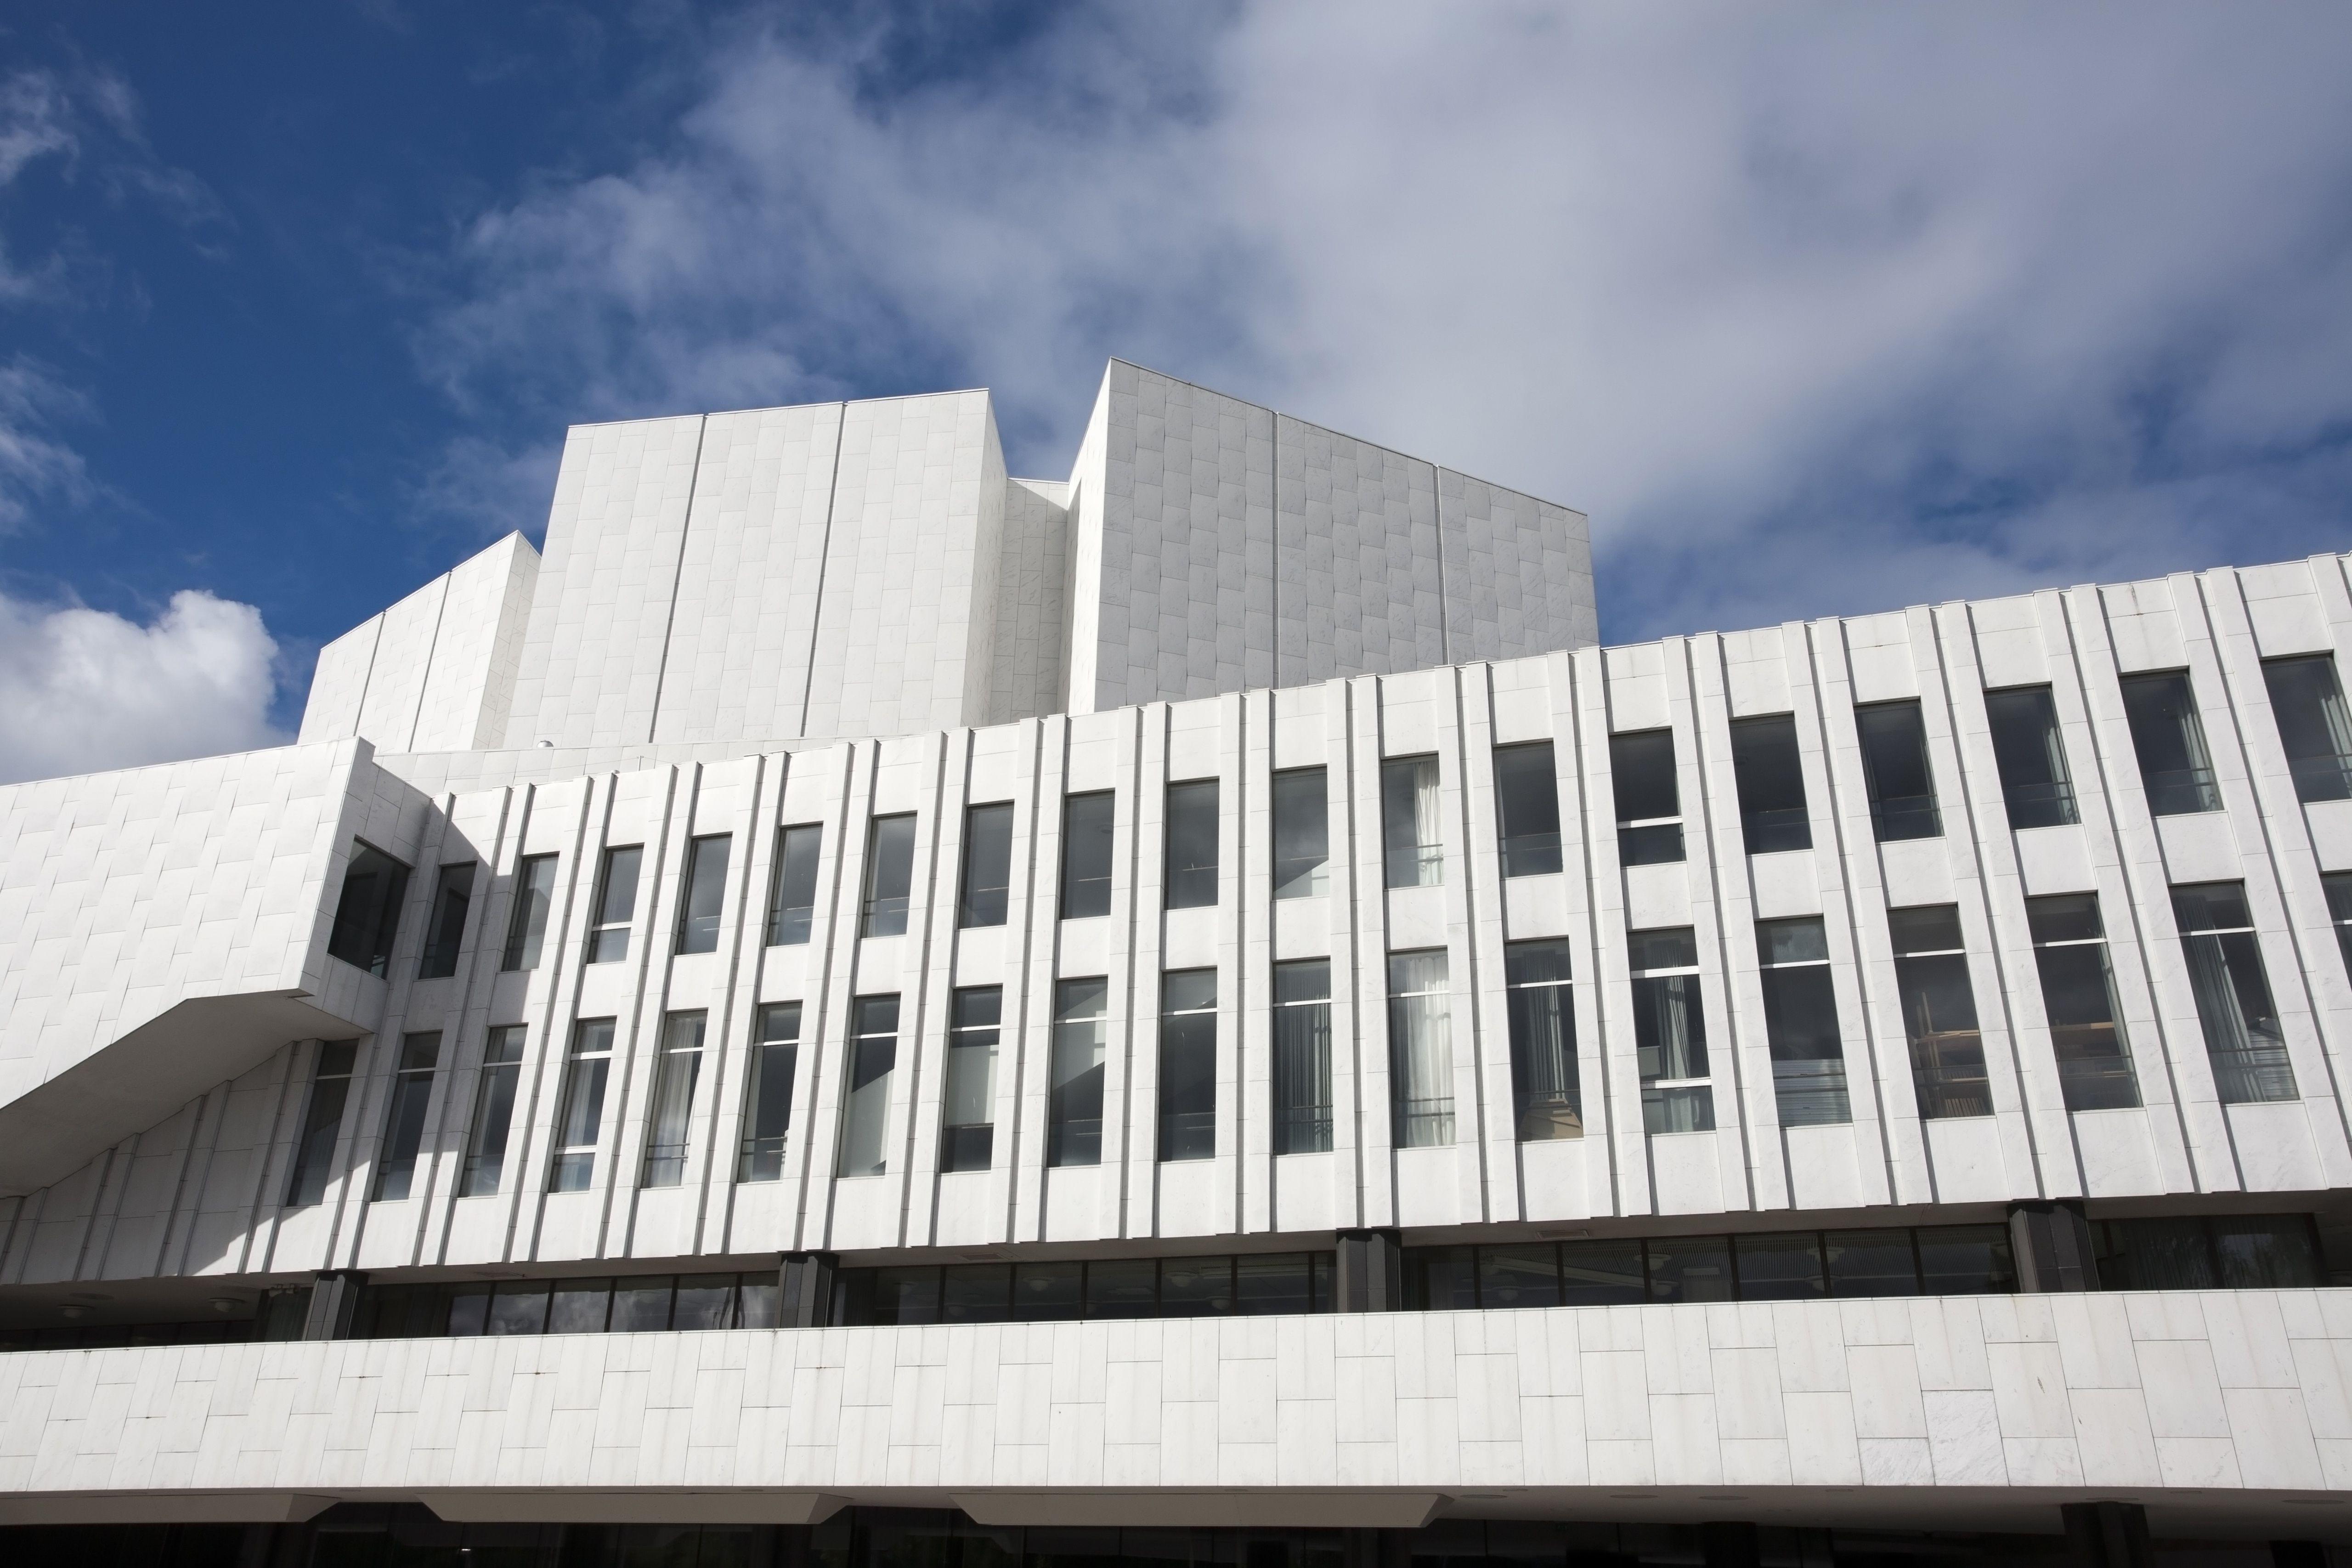 Finlandia Hall by Alvar Aalto, Helsinki, Finland